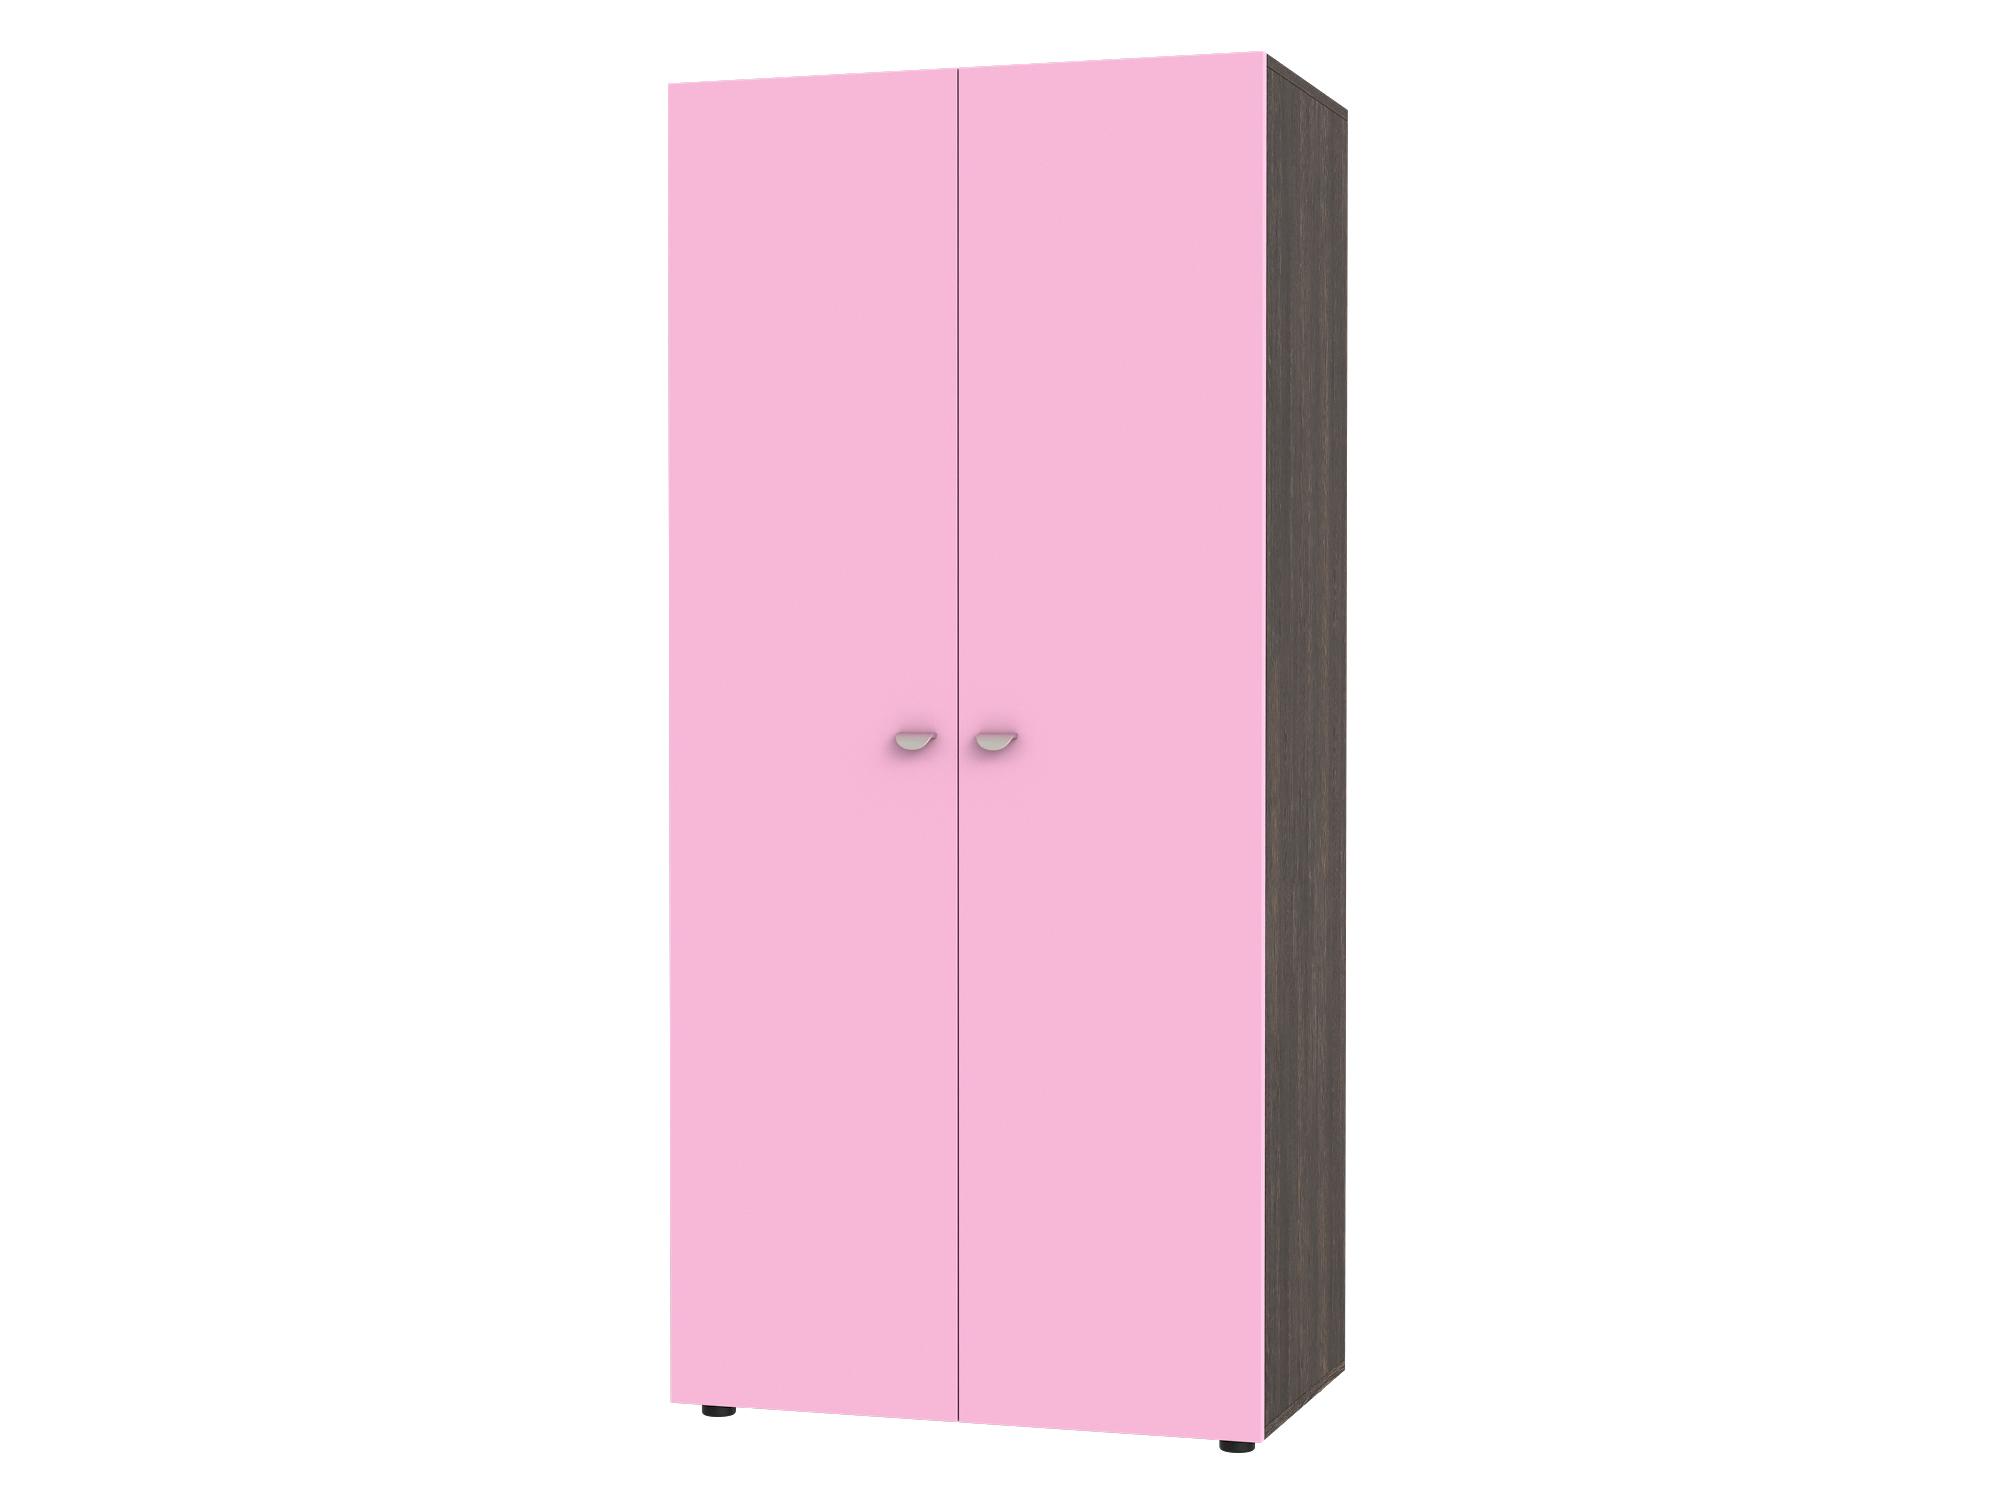 Шкаф 2-х дверный Golden Kids Коричневый темный, Розовый